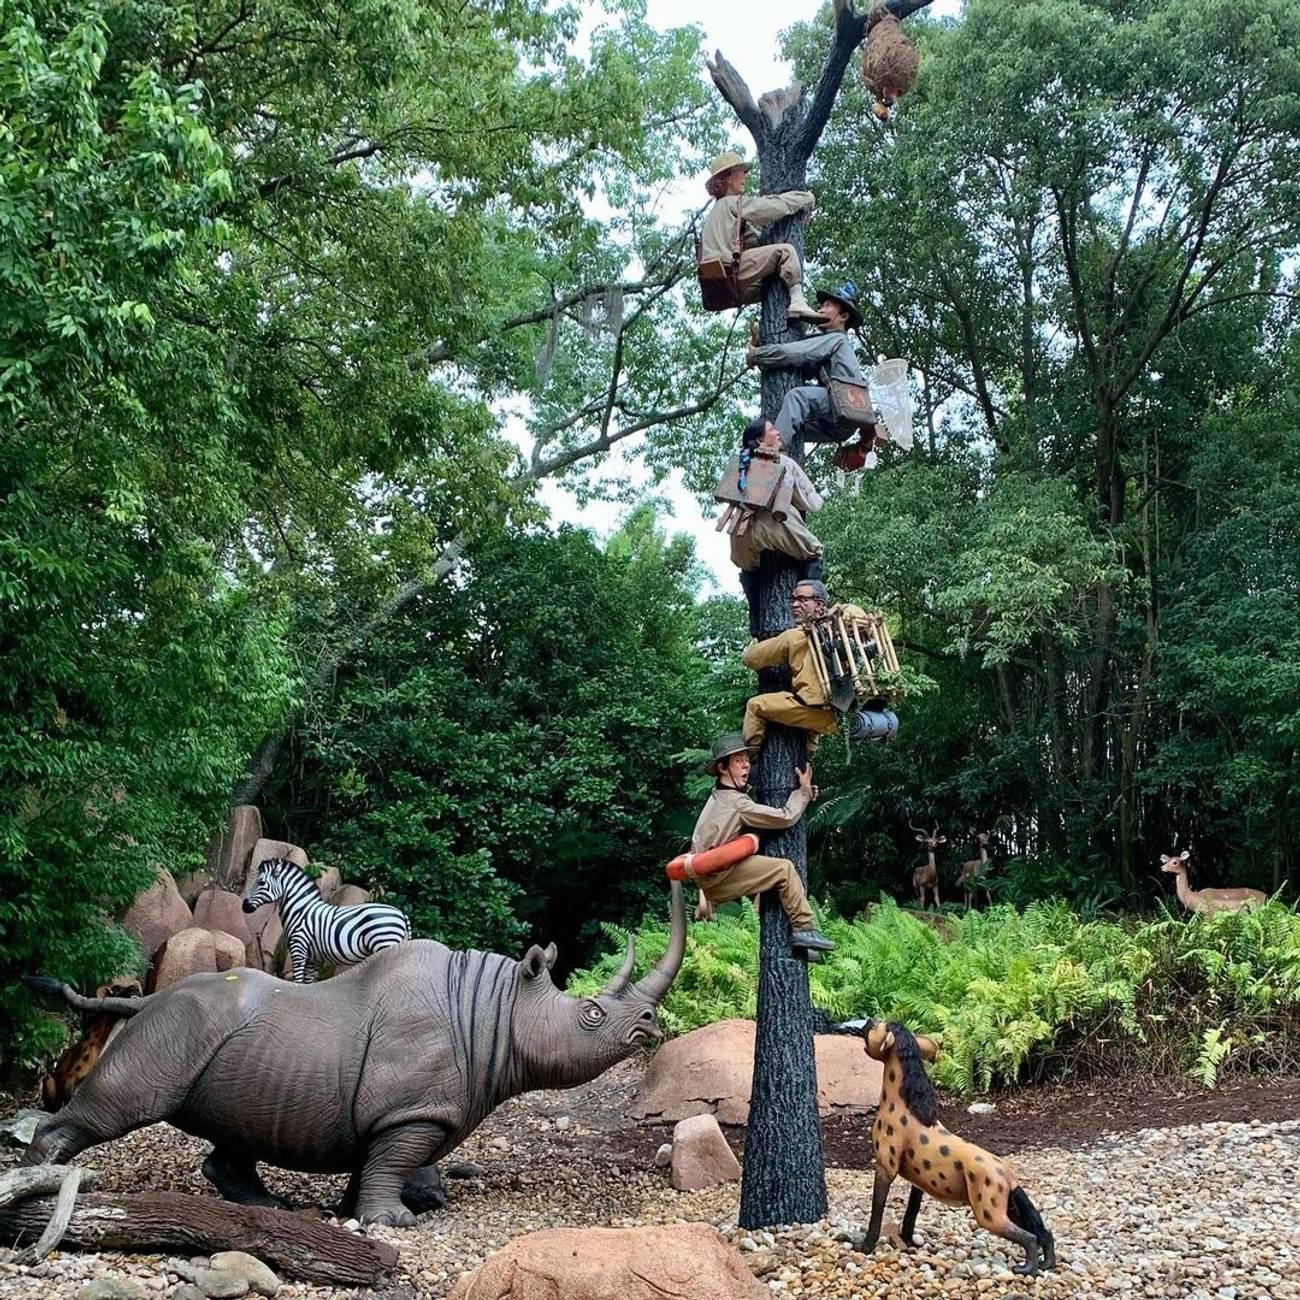 Jungle Cruise trapped safari scene